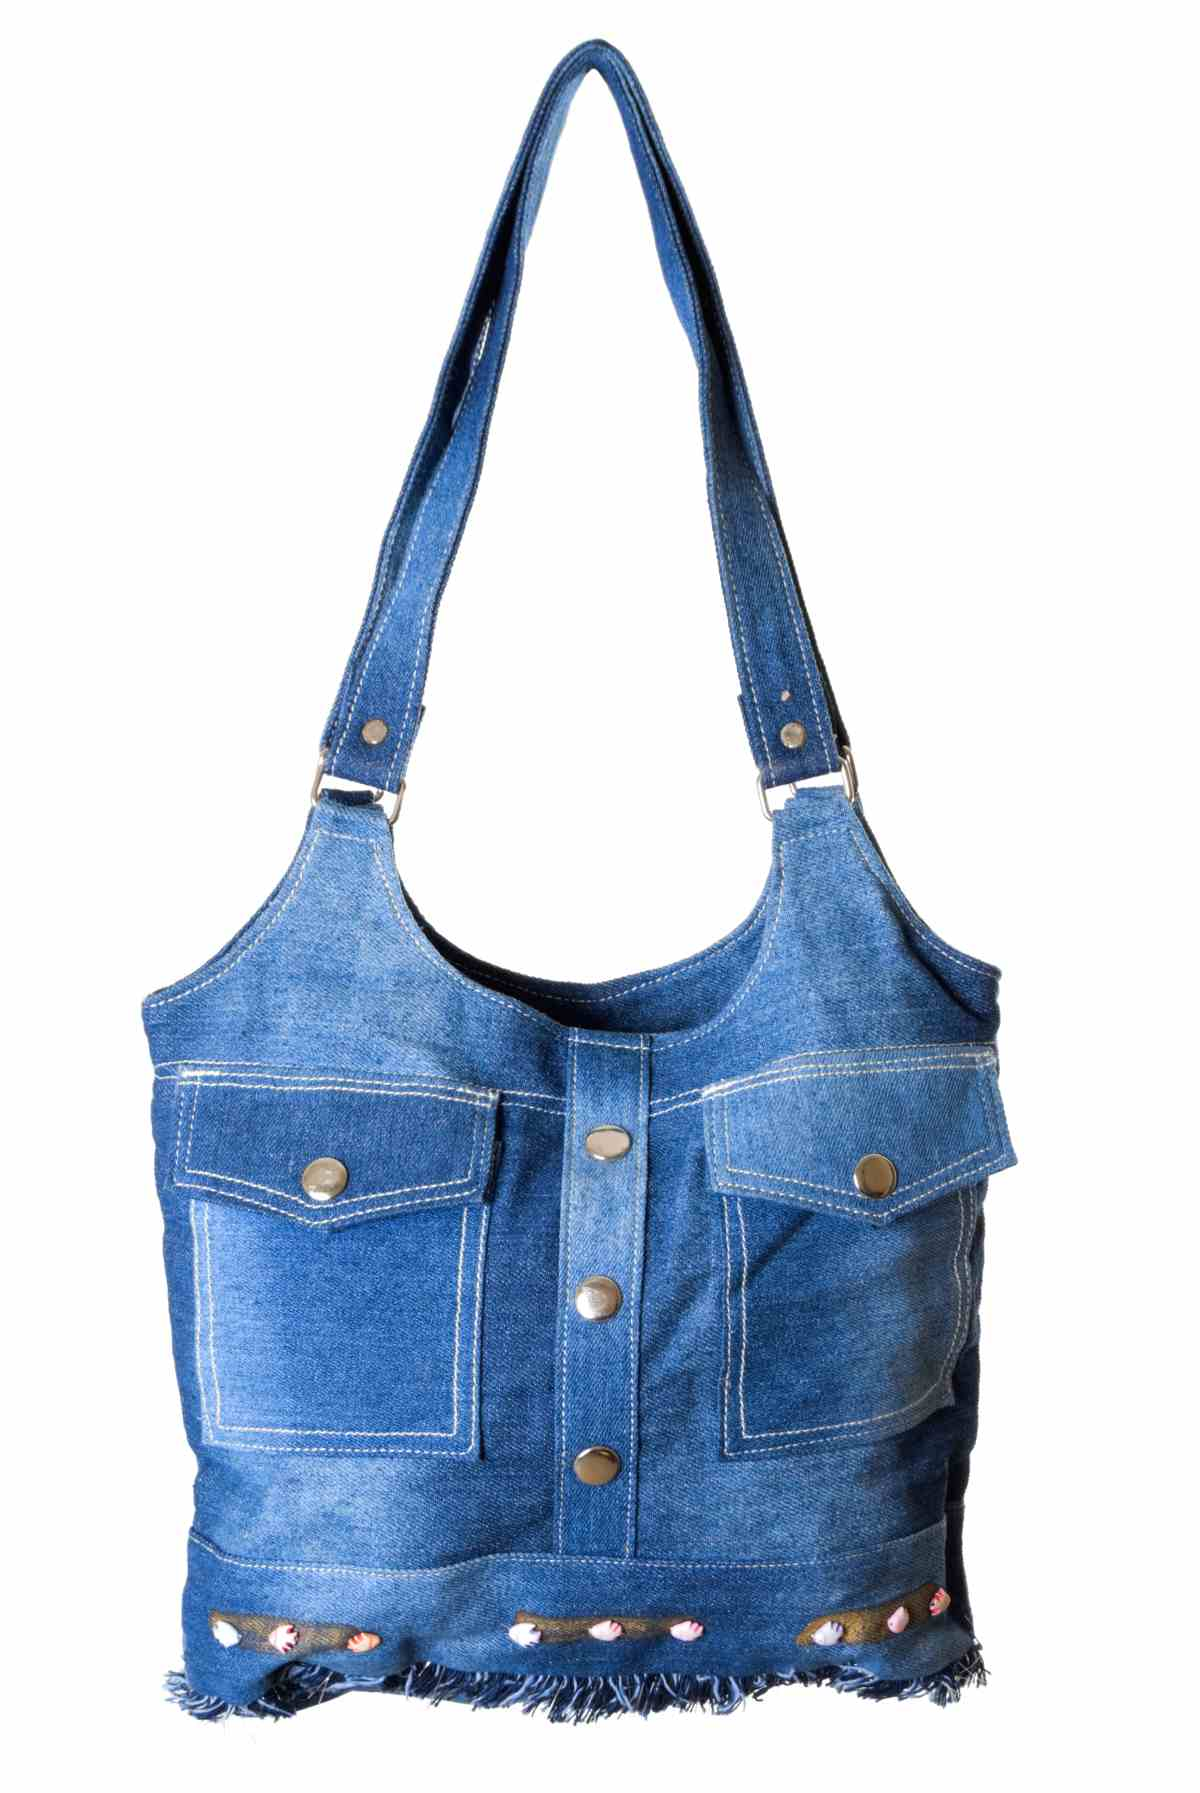 Как из старых джинс сшить модную сумку своими руками